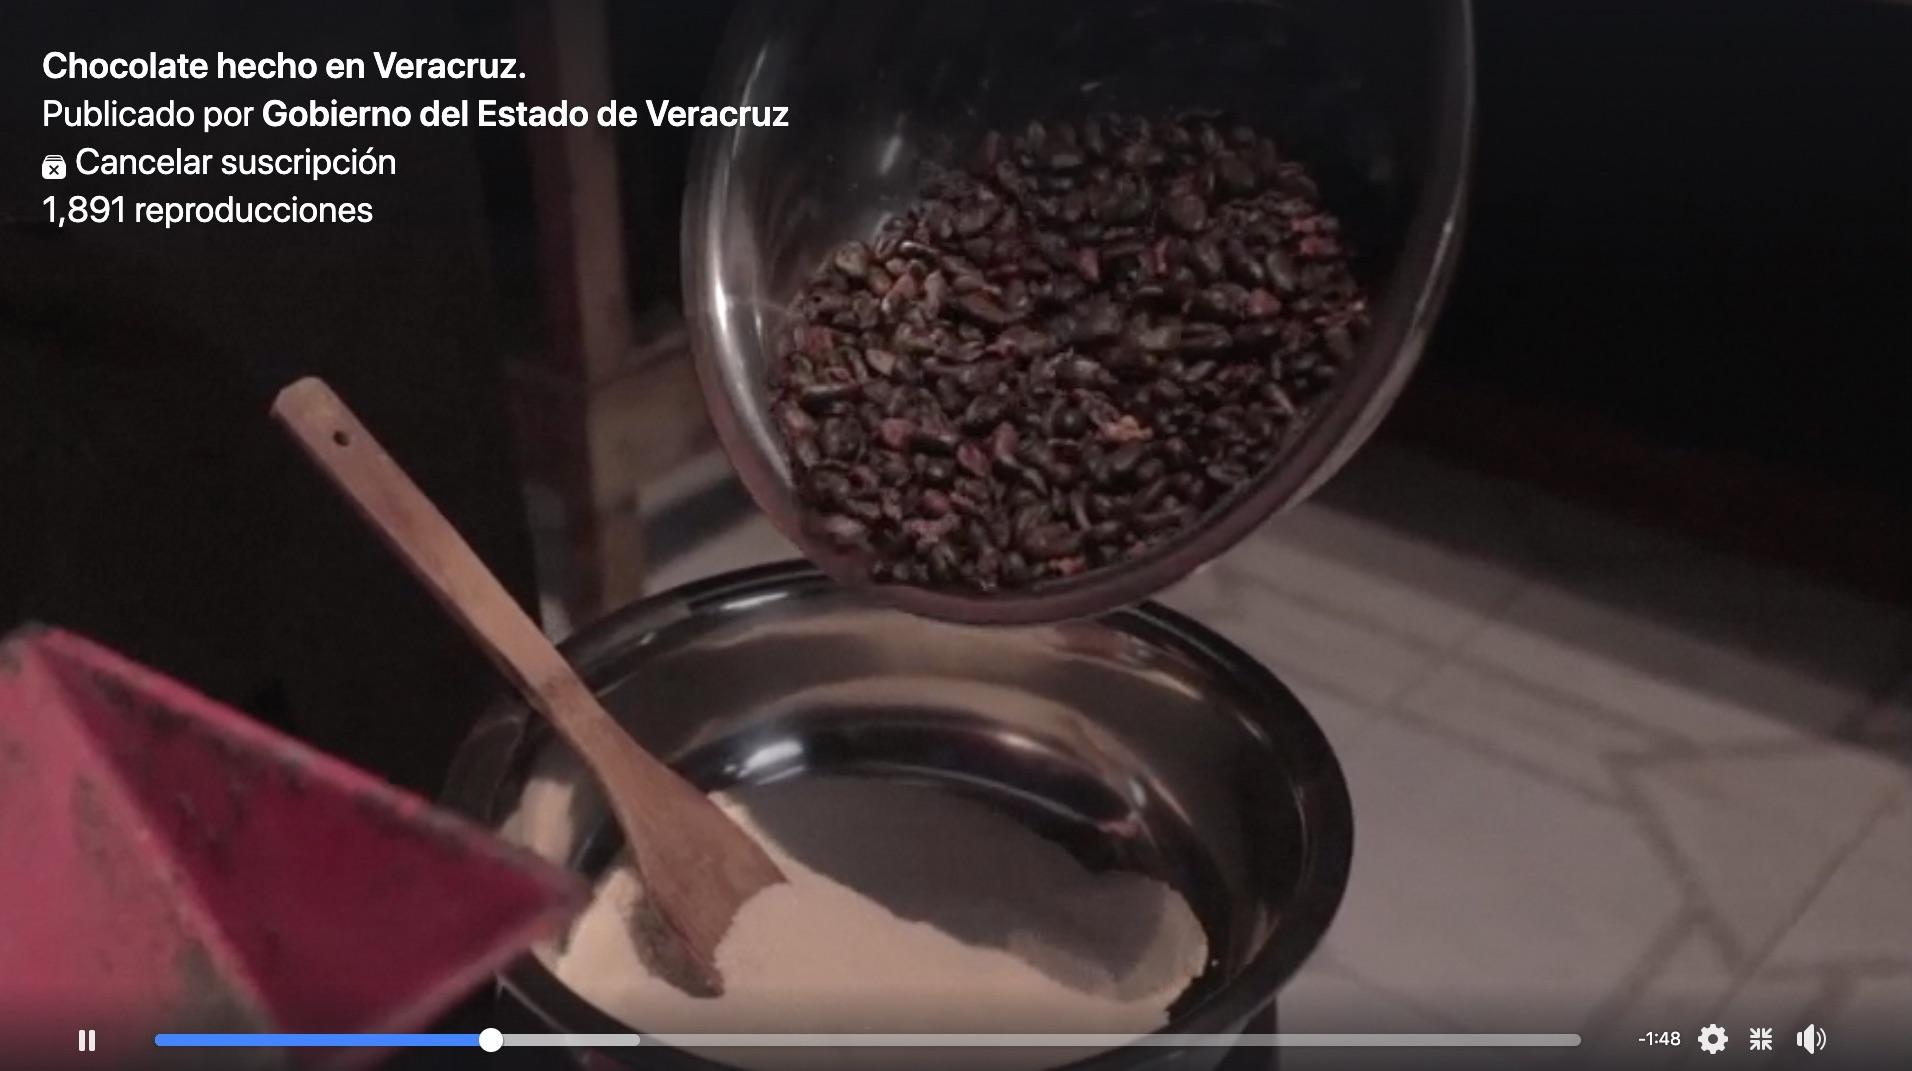 Chocolate casero hecho en Veracruz